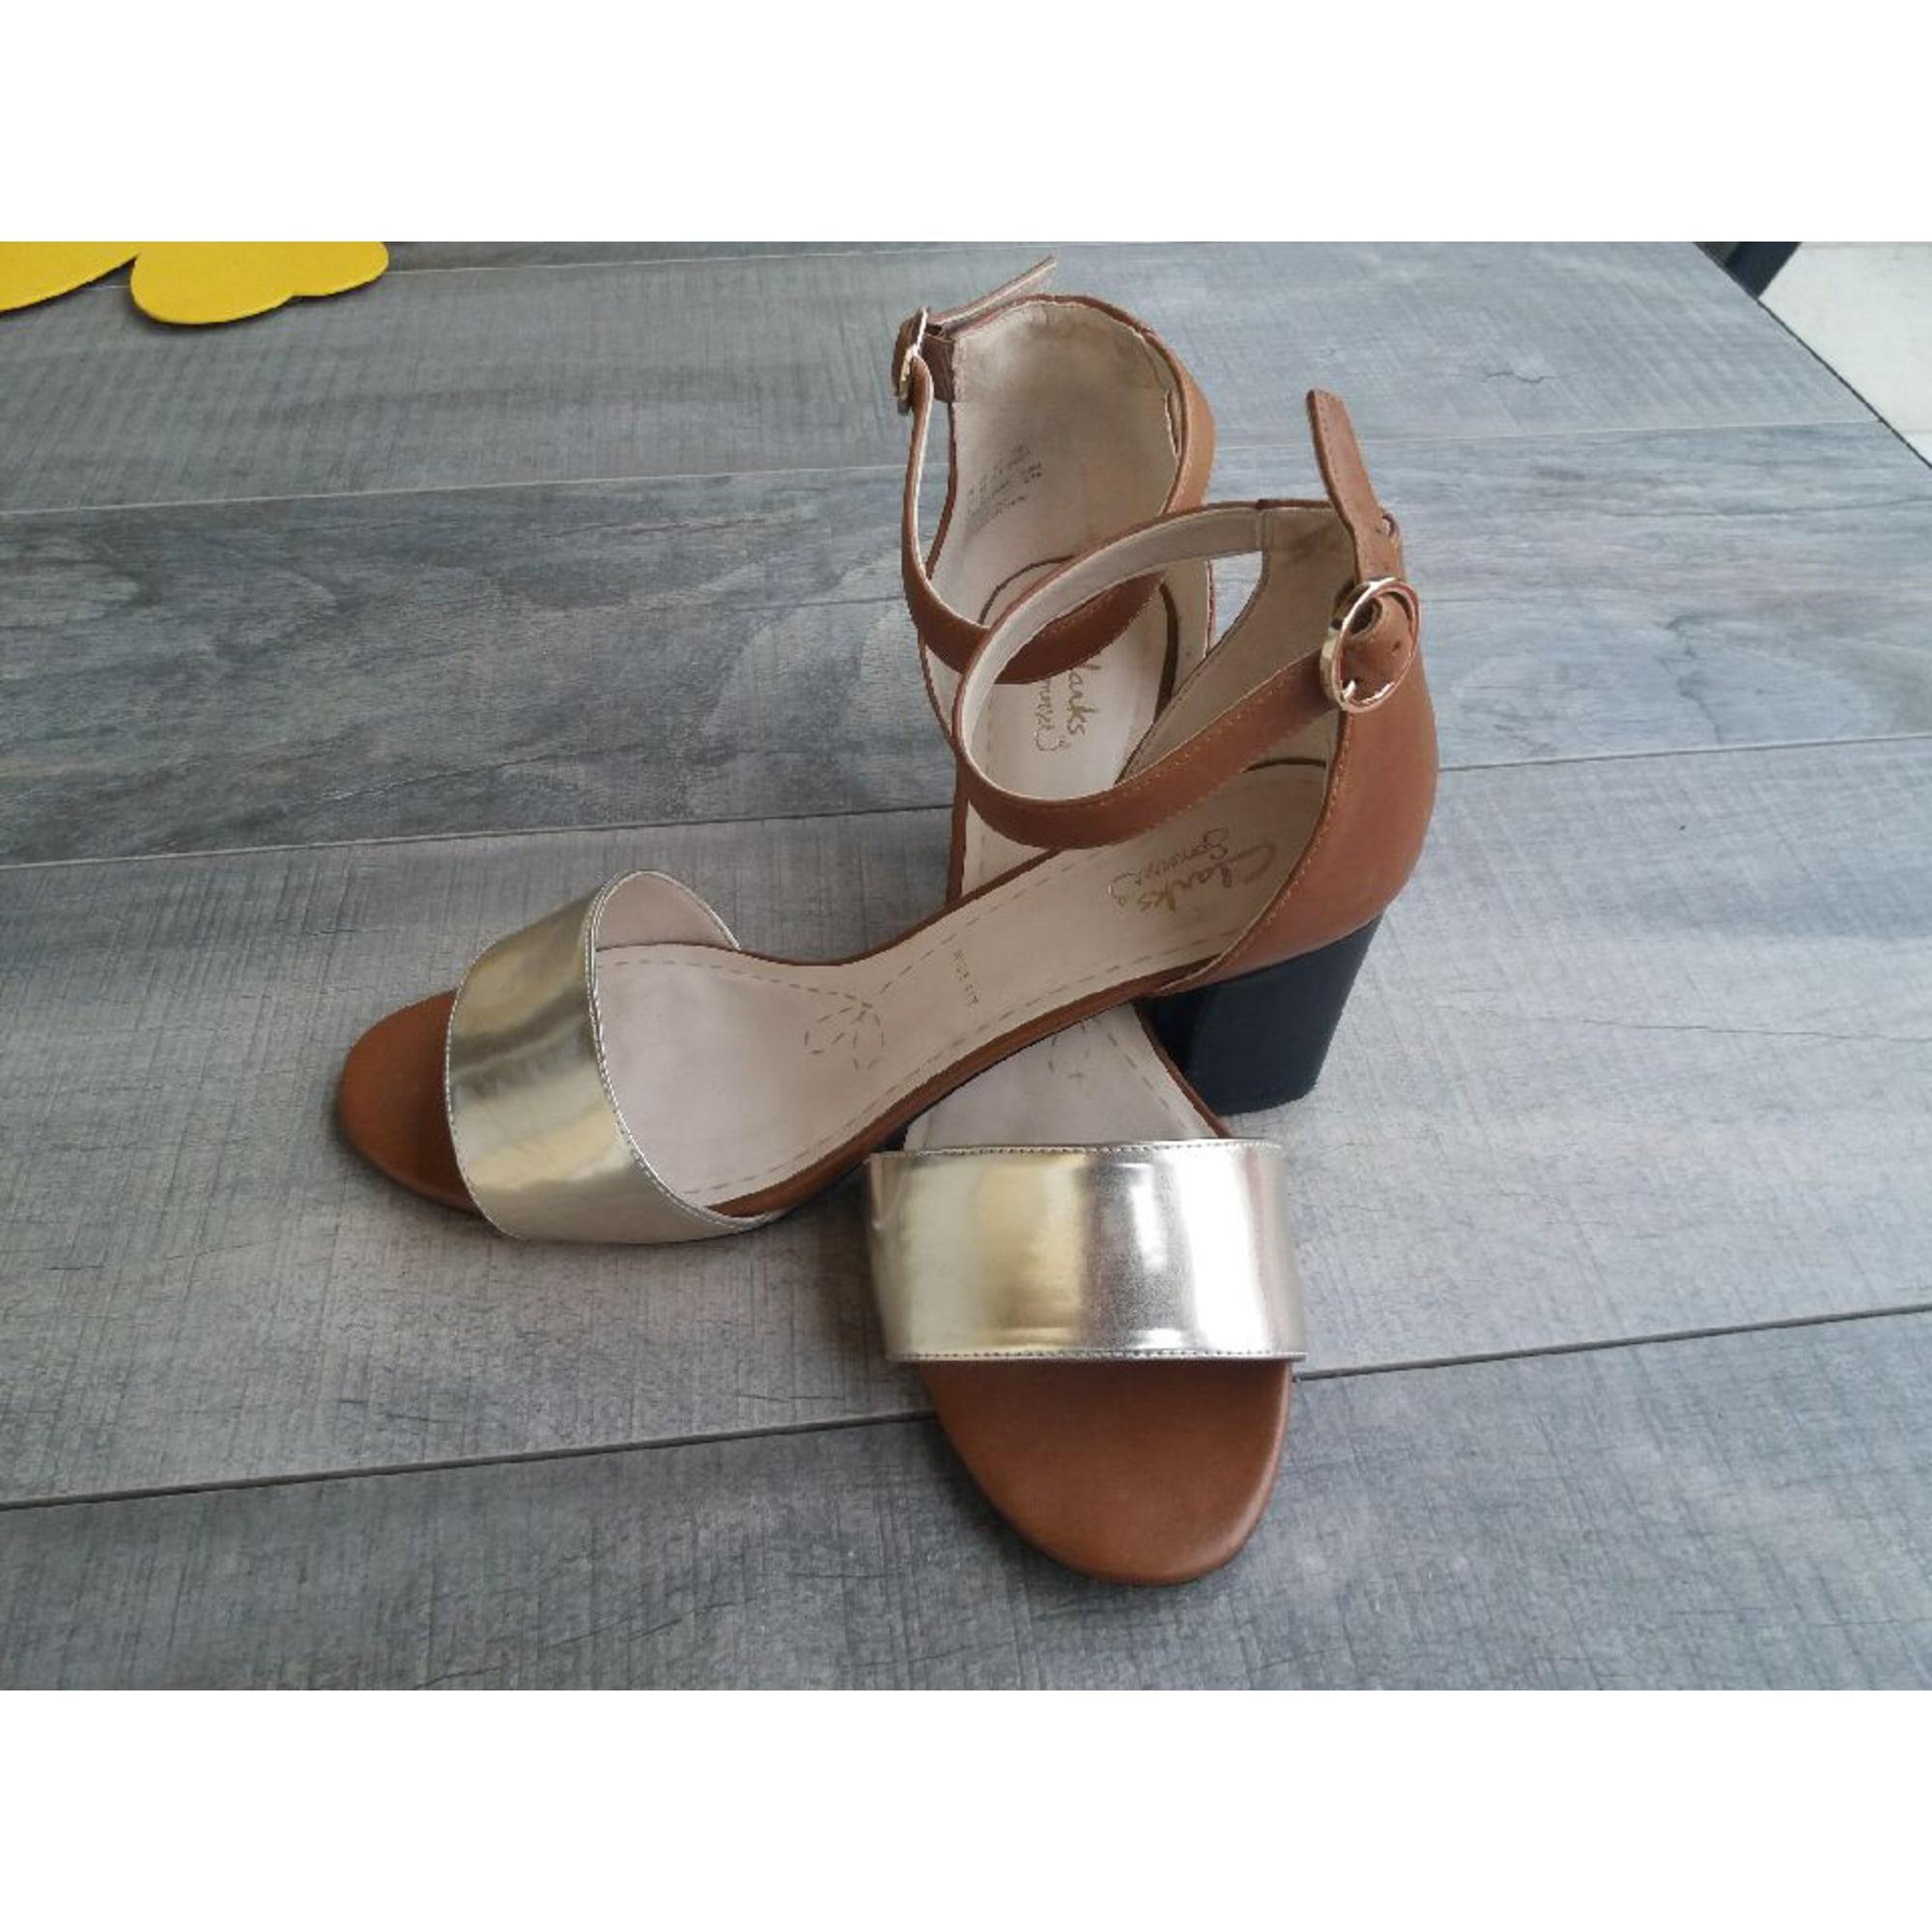 Sandales à talons CLARKS Doré, bronze, cuivre